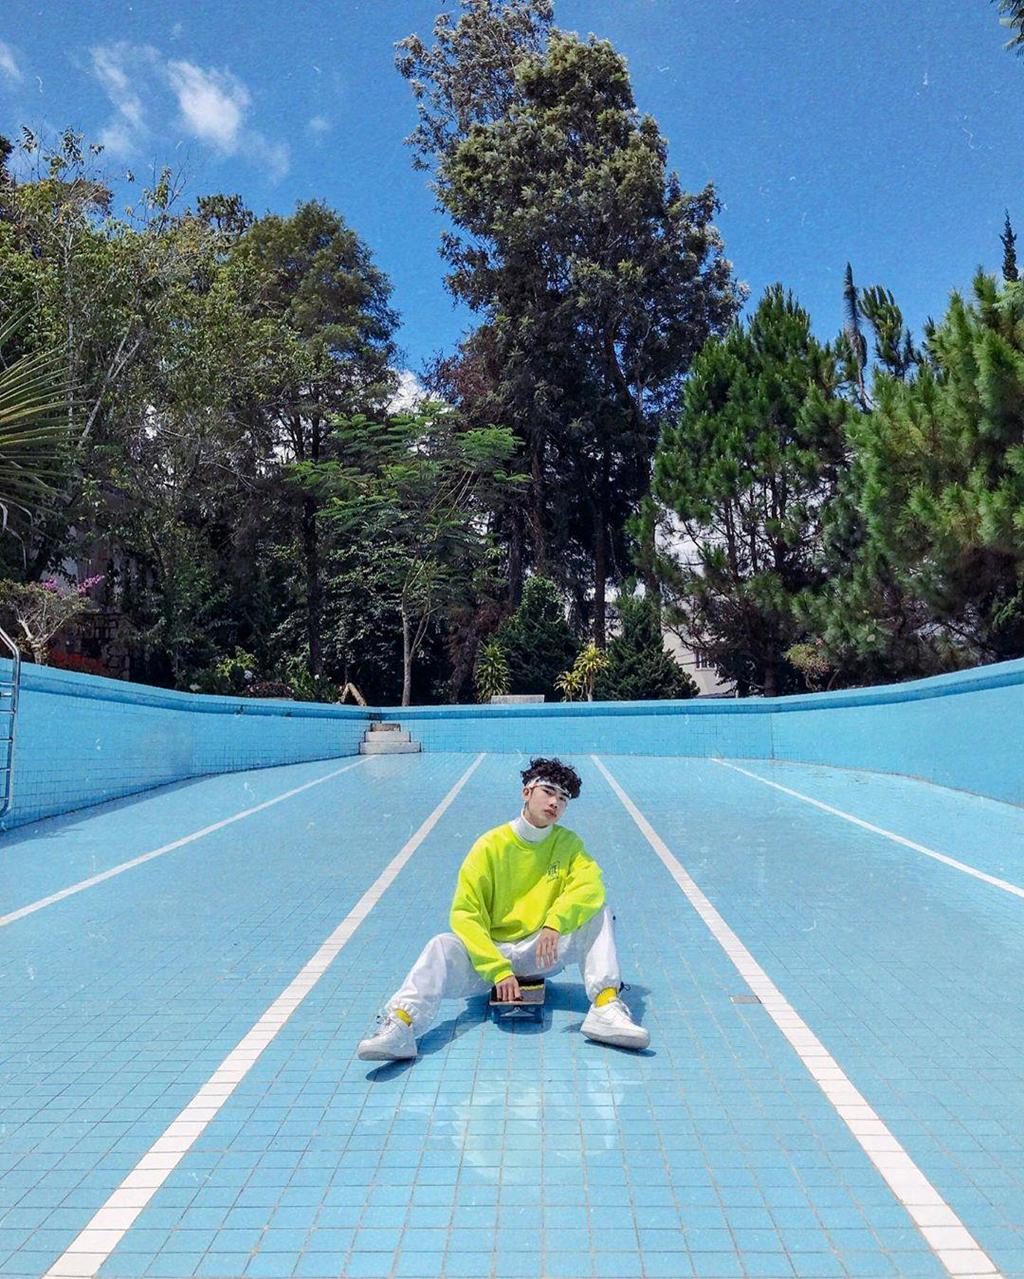 Bể bơi không nước - góc check-in mới hút giới trẻ đến Đà Lạt - Hình 4